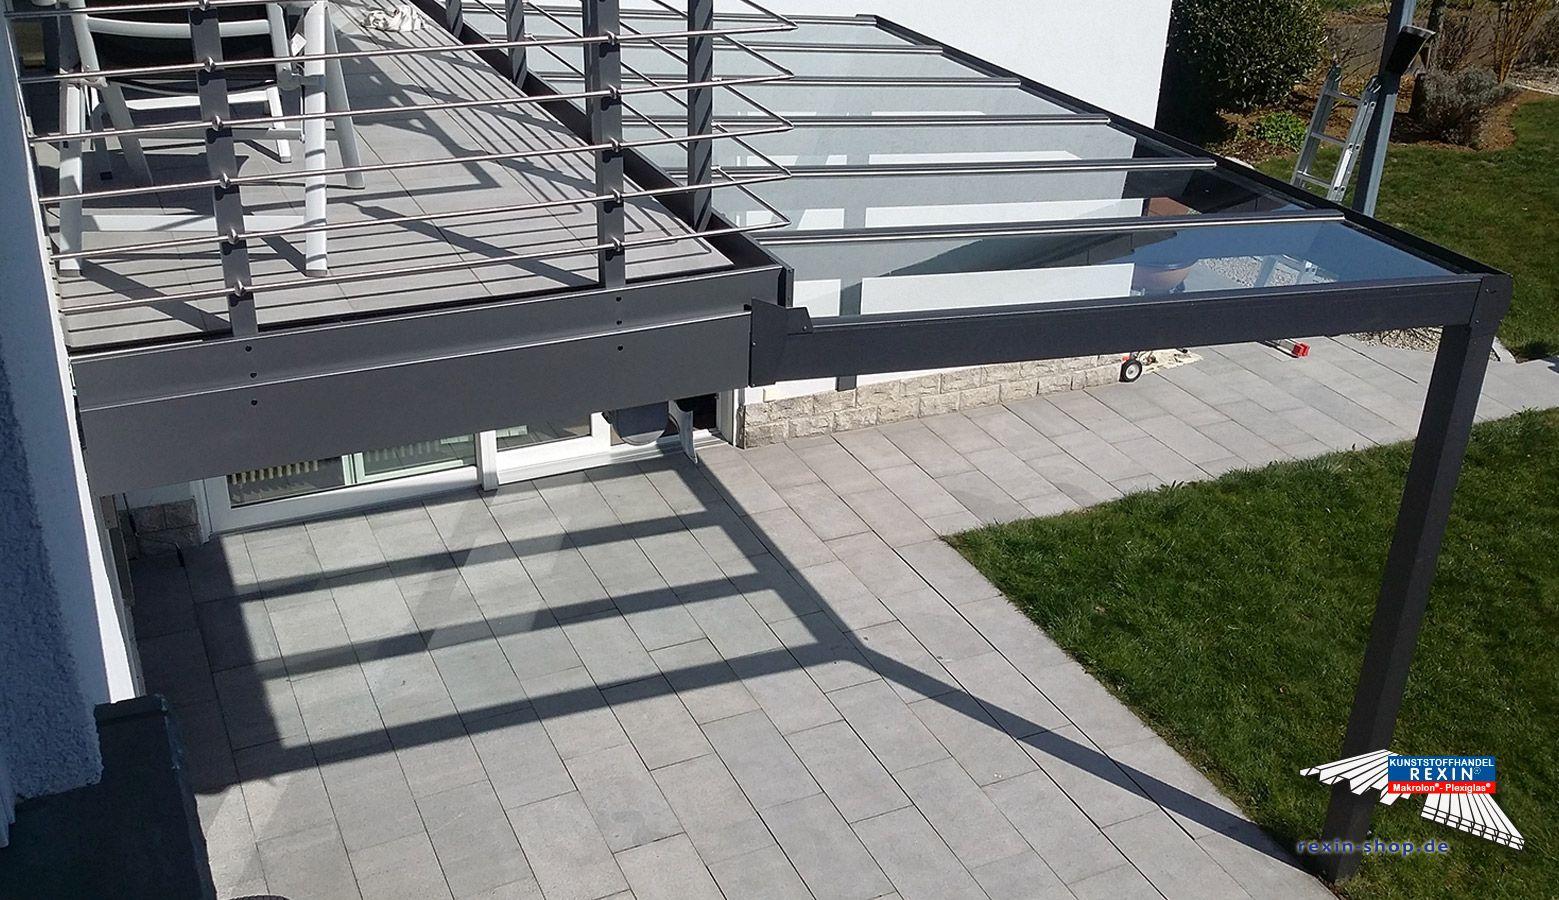 Ein Alu Terrassendach Der Marke Rexopremium 4m X 2 5m In Anthrazit